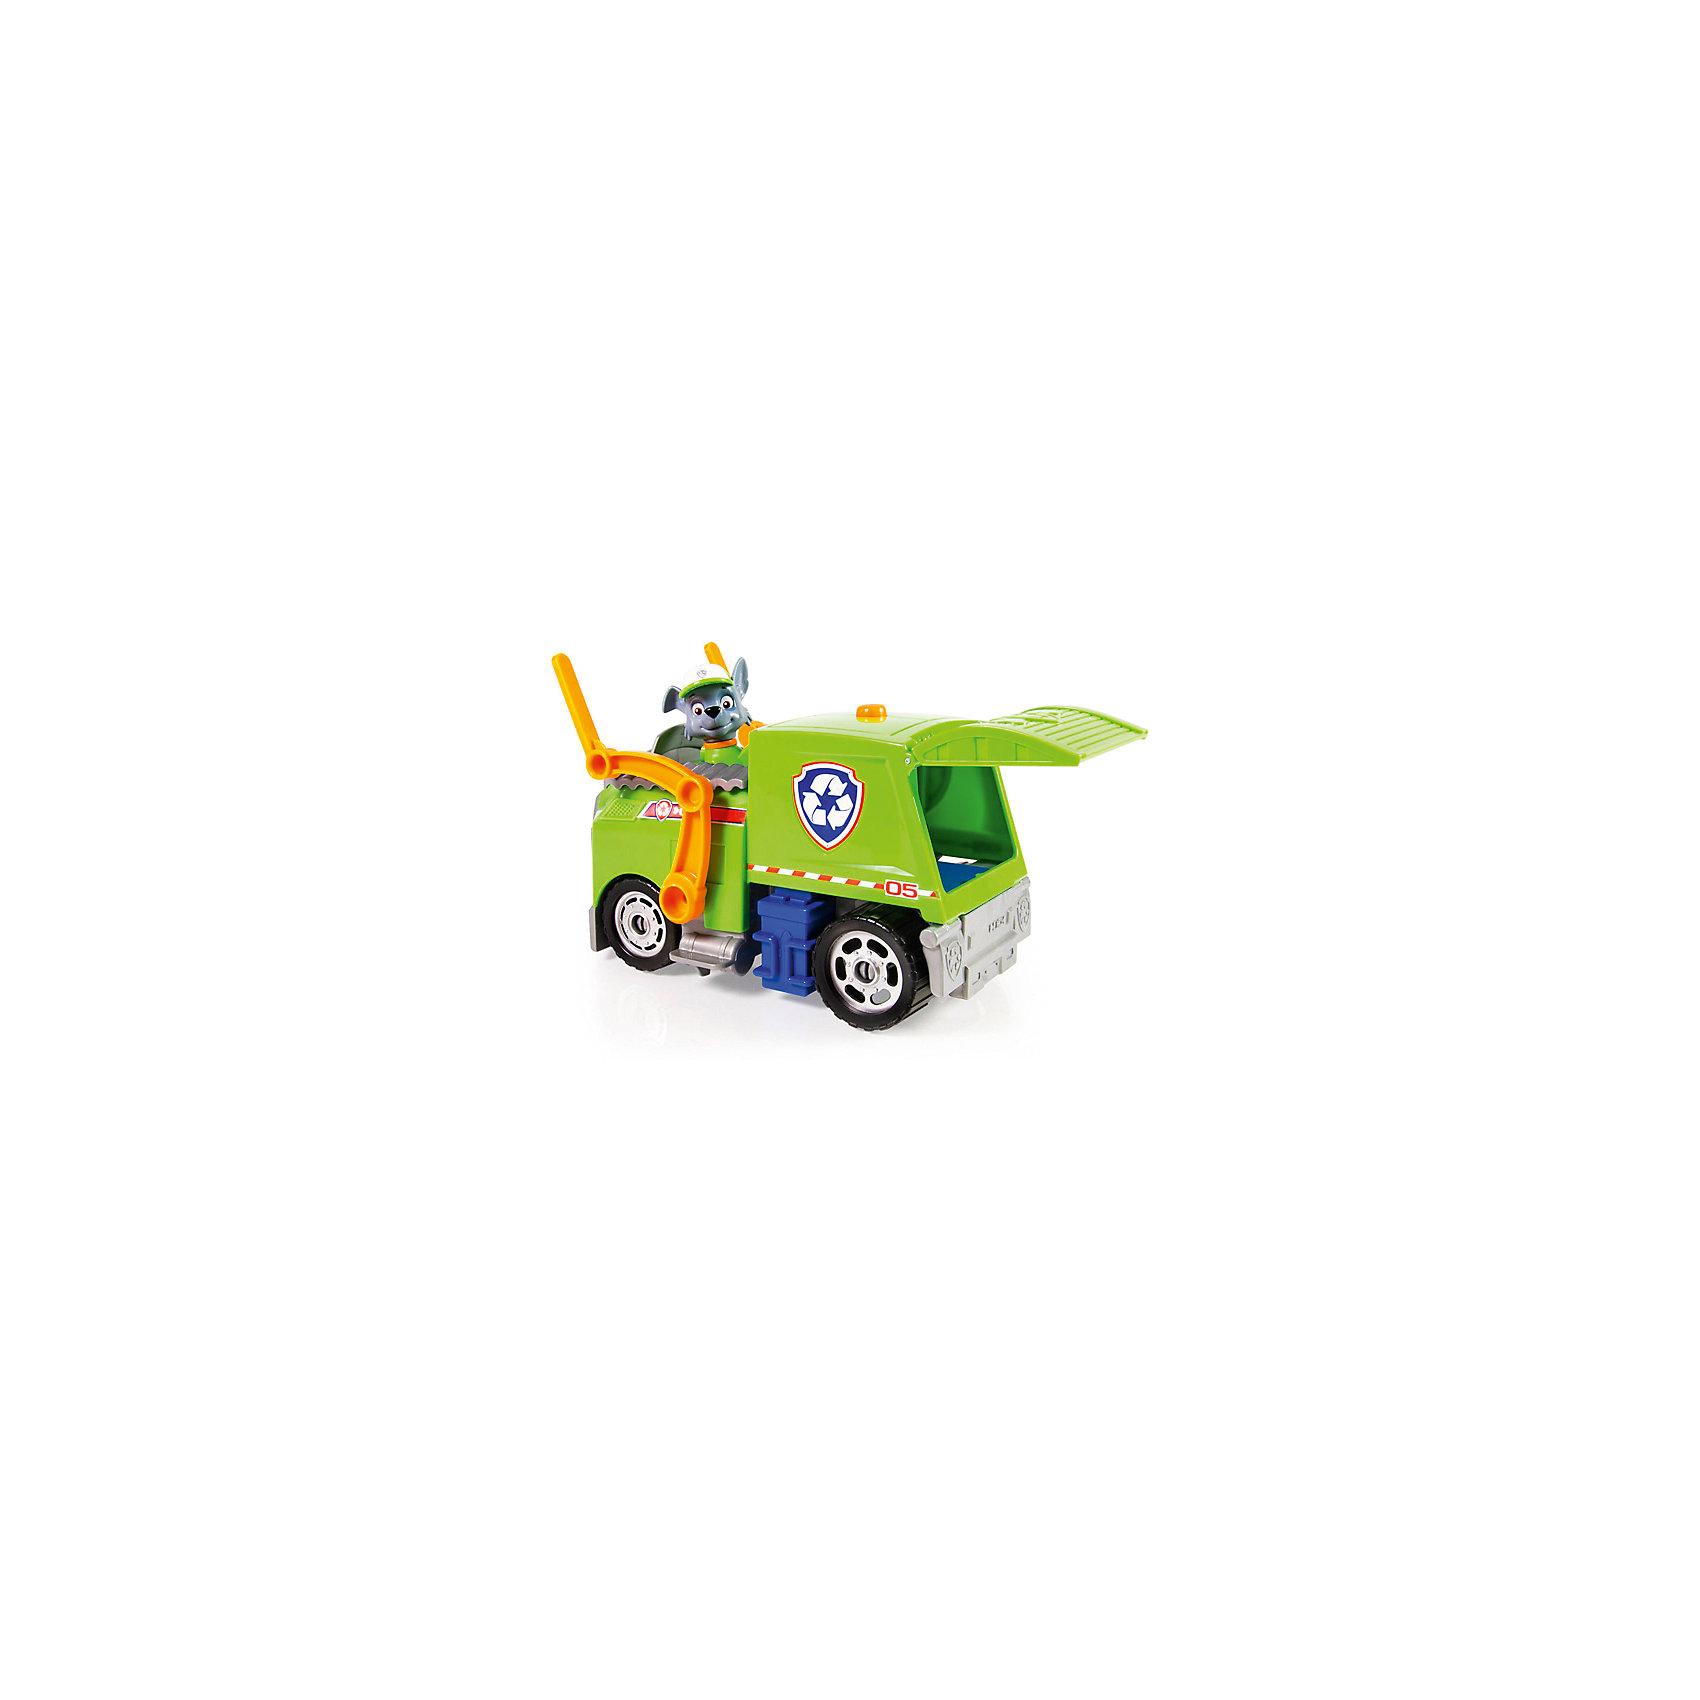 Автомобиль спасателей Рокки, Щенячий патрульЩенячий патруль<br>Характеристики:<br><br>• Предназначение: для сюжетно-ролевых и подвижных игр<br>• Пол: для мальчиков<br>• Коллекция: Щенячий патруль<br>• Материал: пластик<br>• Комплектация: мусоровоз, фигурка Рокки<br>• Звуковые и световые эффекты<br>• Двигающийся погрузчик<br>• Длина мусоровоза: около 30 см<br>• Высота щенка: 7 см<br>• Батарейки: 3 шт. типа ААА (предусмотрены в комплекте)<br>• Вес: 690 г<br>• Размеры упаковки (Д*В*Ш): 30,5*13,5*25 см<br>• Упаковка: картонная коробка открытого типа<br>• Особенности ухода: сухая или влажная чистка<br><br>Автомобиль спасателей Рокки, Щенячий патруль – это набор производителем которого является торговый бренд Spin Master, специализирующийся на выпуске интерактивных игрушек. Комплект состоит из мусоровоза и фигурки Рокки. Все детали выполнены из прочного и безопасного пластика, окрашены нетоксичными красками. <br><br>Фигурка Рокки выполнена с высокой степенью детализации и соответствия экранному прототипу: у него имеется кепка и зеленый жилет. Мусоровоз оснащен двигающимися погрузчиком и открывающимися кузовом. Сюжетно-ролевые игры с набором будут способствовать развитию памяти, фантазии и воображения, а также позволят воспроизвести наиболее понравившиеся сюжеты с любимыми героями.<br><br>Автомобиль спасателей Рокки, Щенячий патруль можно купить в нашем интернет-магазине.<br><br>Ширина мм: 305<br>Глубина мм: 250<br>Высота мм: 135<br>Вес г: 690<br>Возраст от месяцев: 36<br>Возраст до месяцев: 84<br>Пол: Мужской<br>Возраст: Детский<br>SKU: 5348071